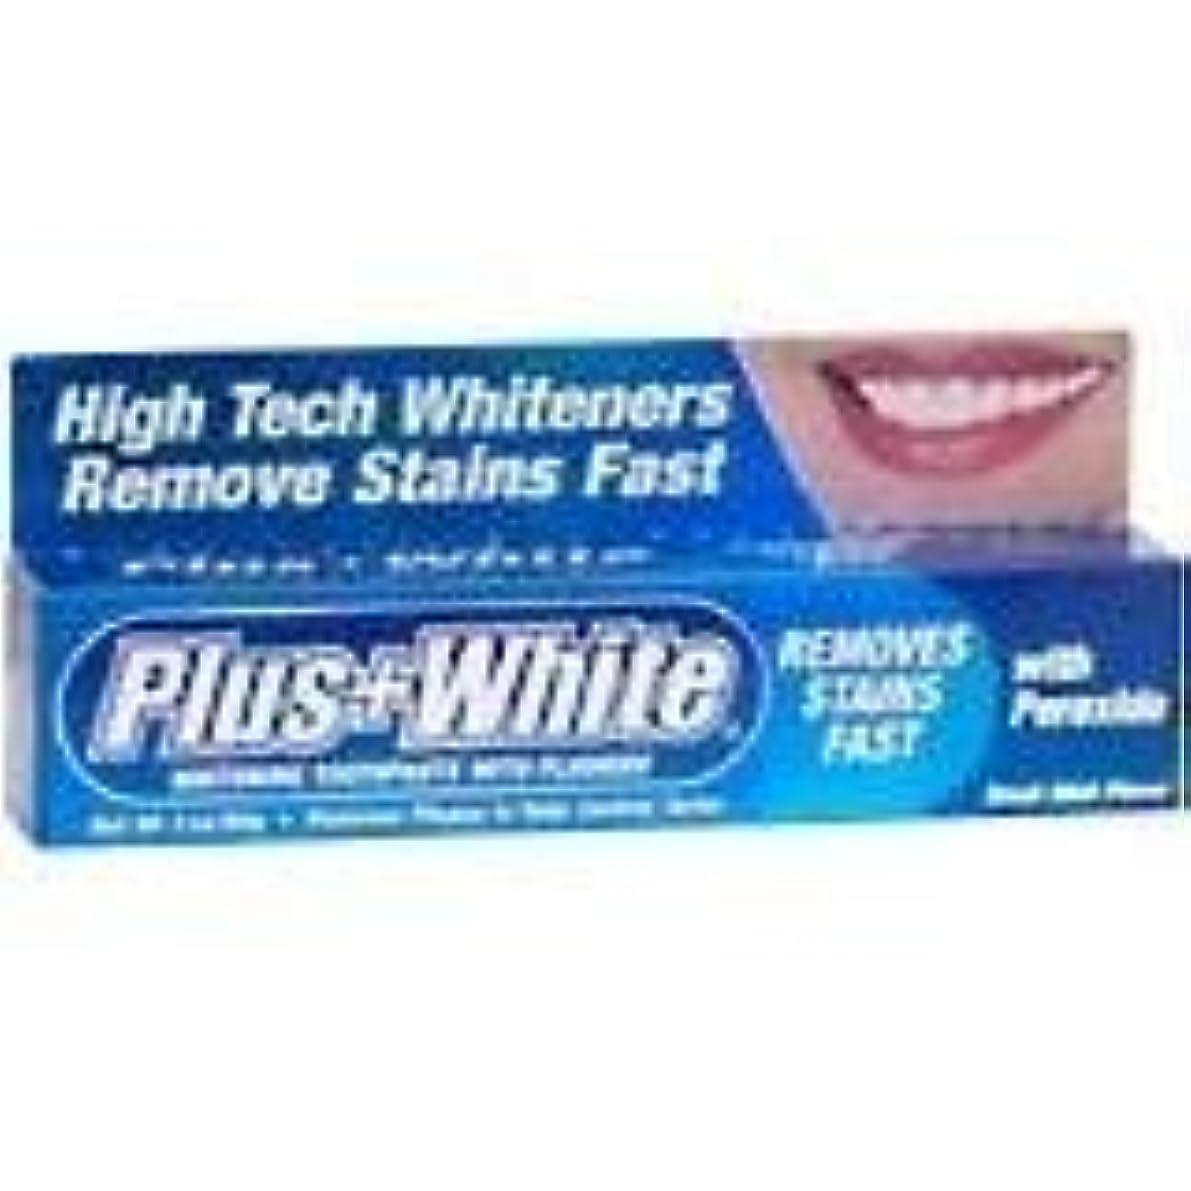 レパートリー政治家の餌Plus White 過酸化物とエクストラホワイトニング歯磨き(1パック)